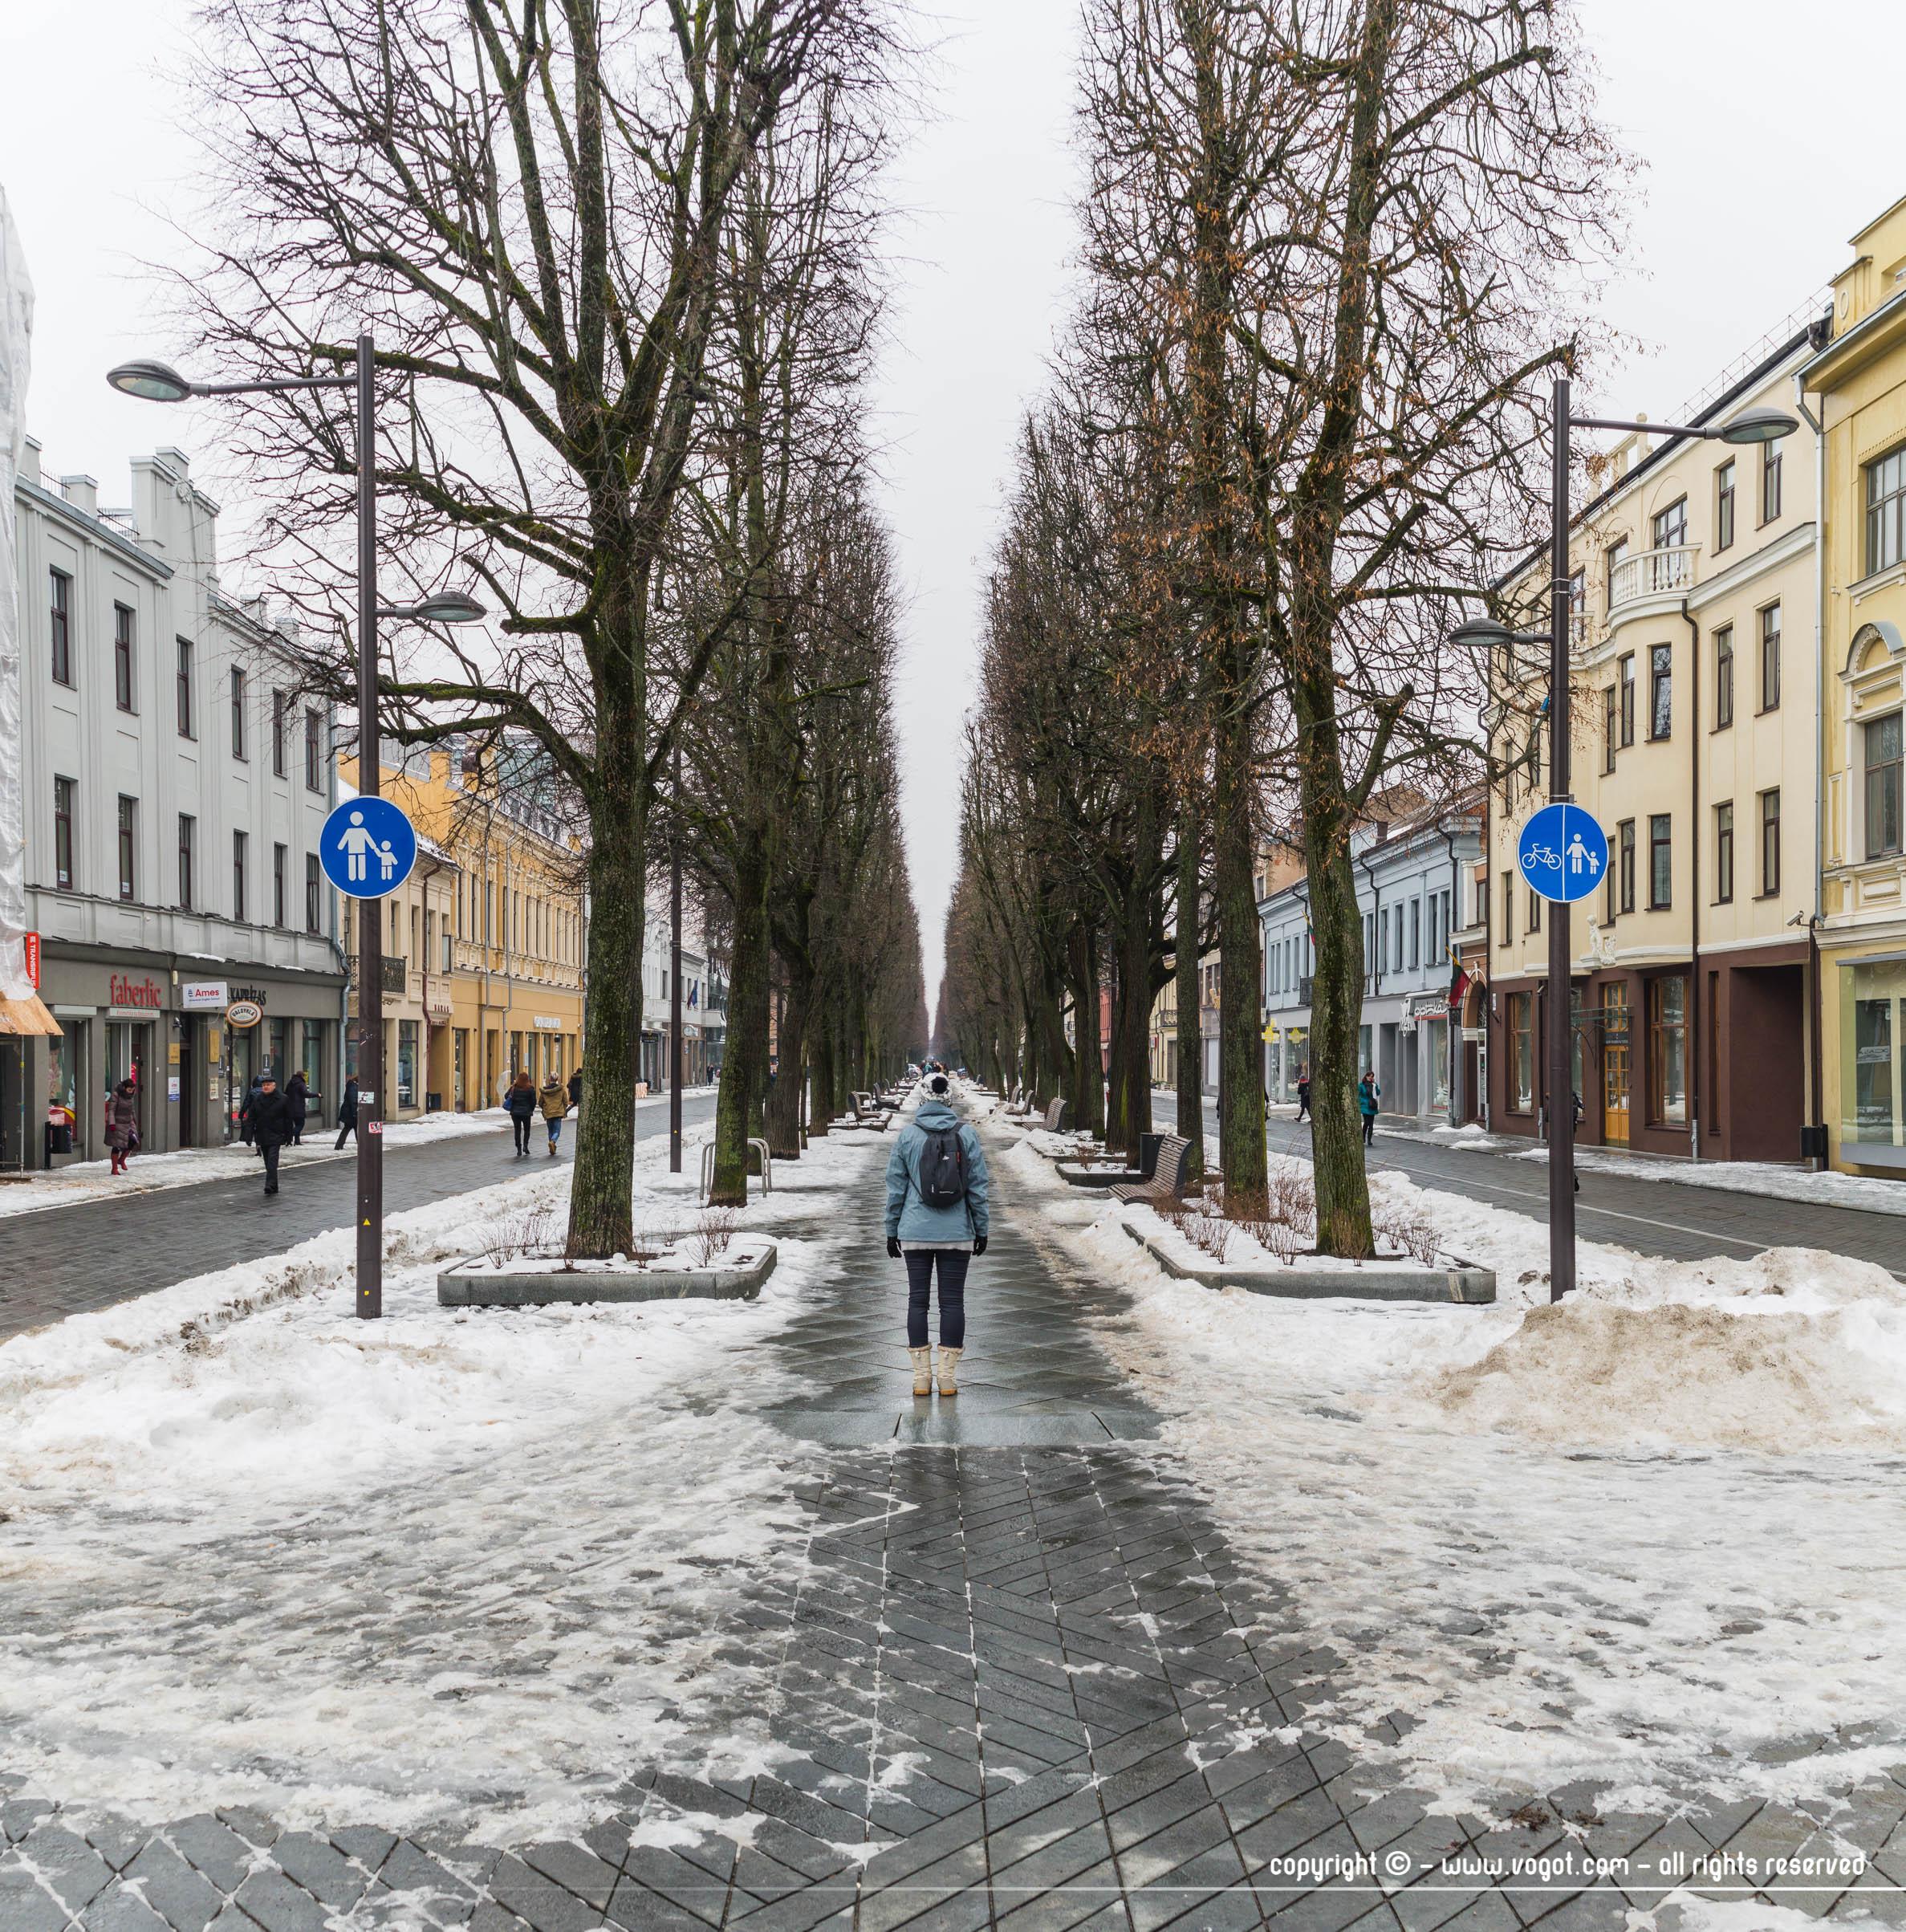 Une journée à Kaunas - Avenue Laisvės, longue rue piétonne